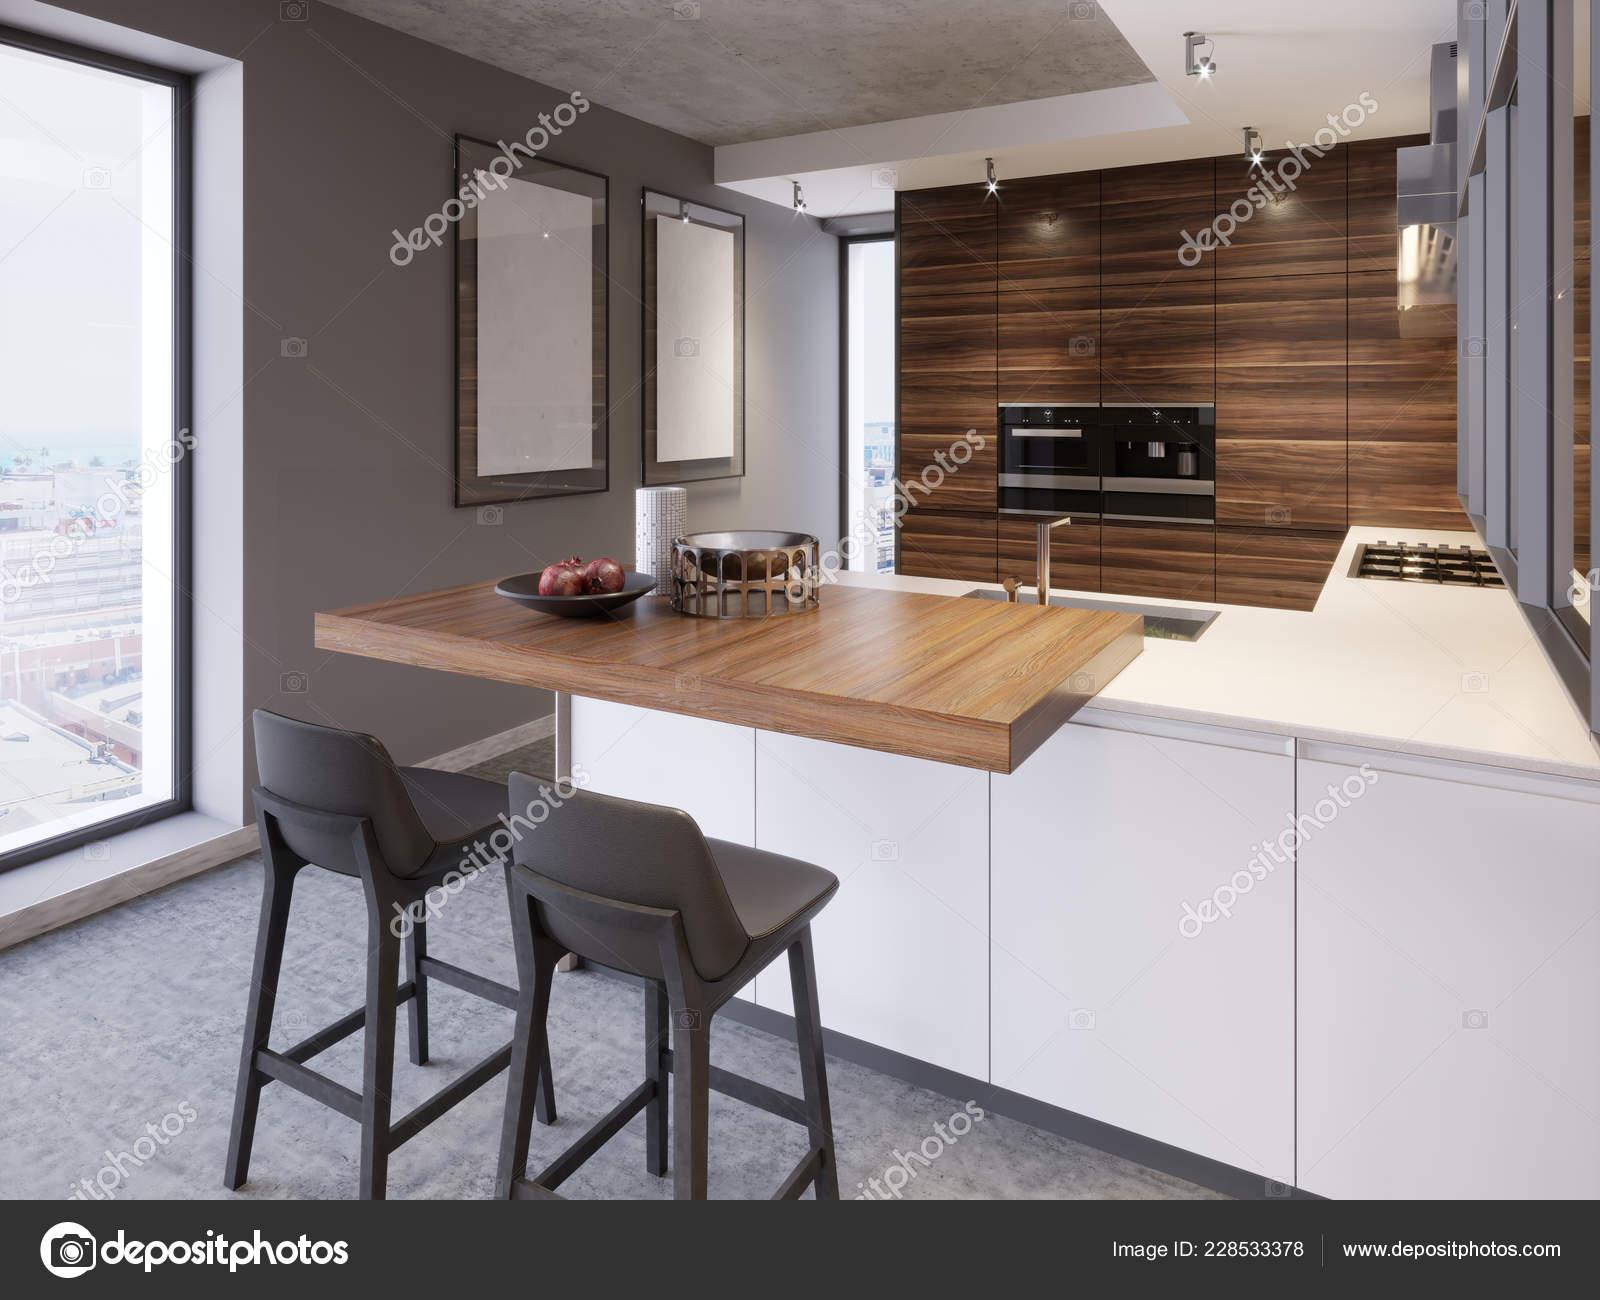 Kitchen Kitchen Island Two Chairs Modern Kitchen Style